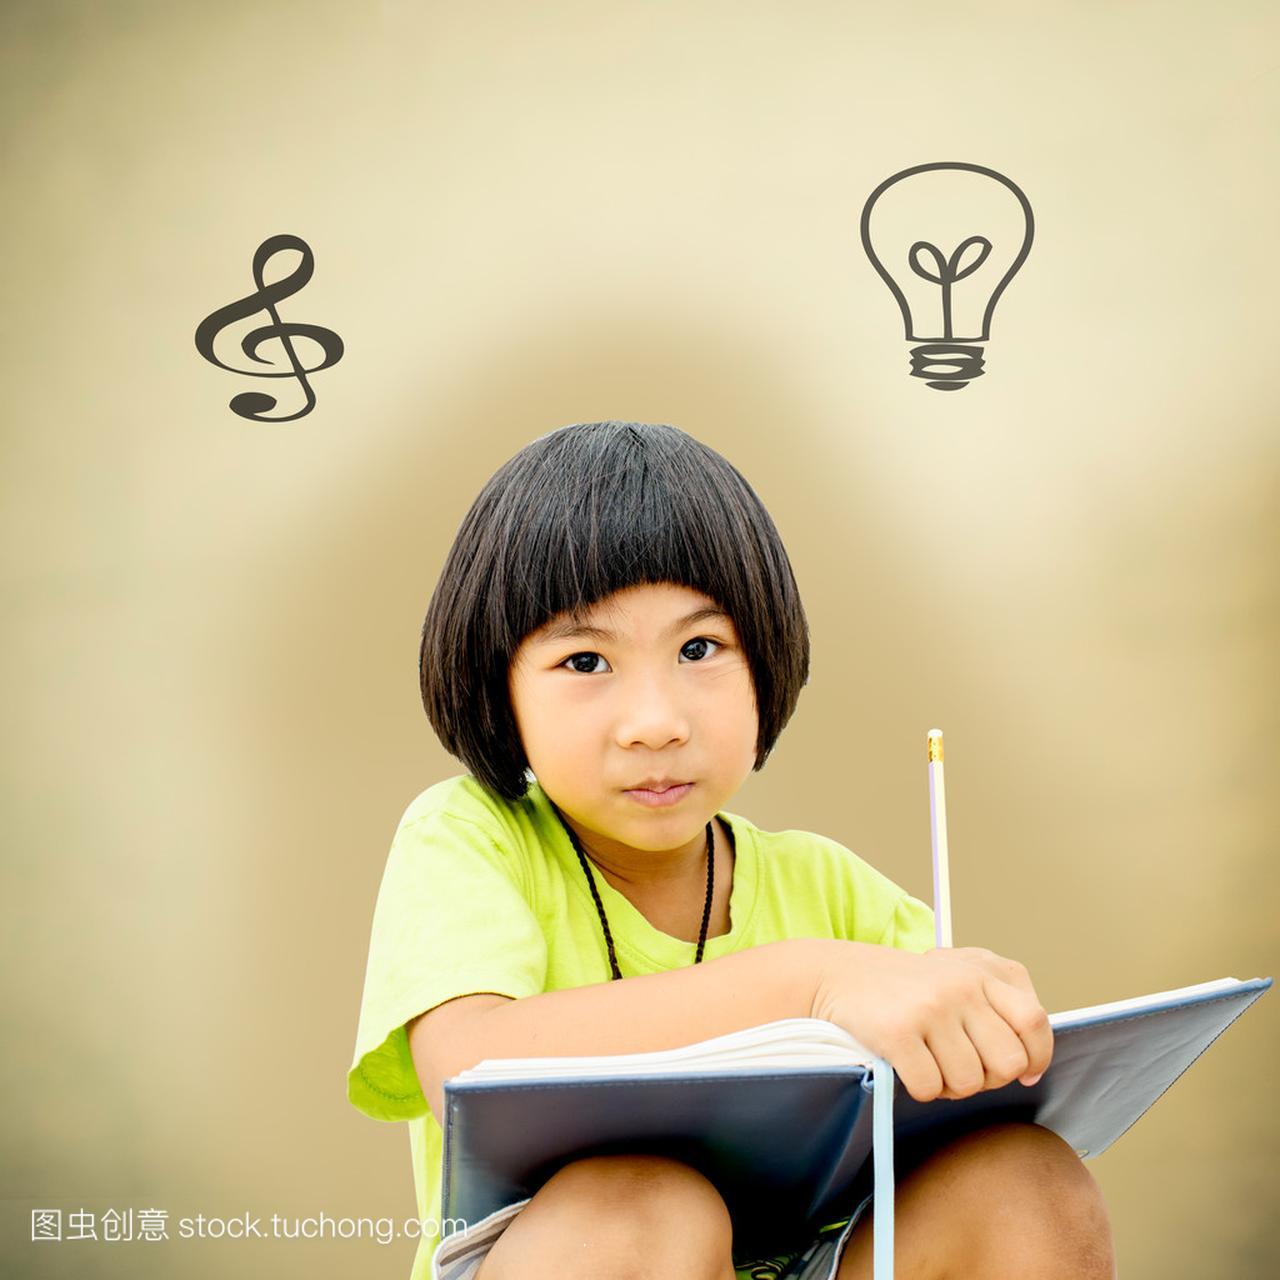 可爱的小女孩,在褐色的女生上写她的v褐色喜欢年级5什么背景图片